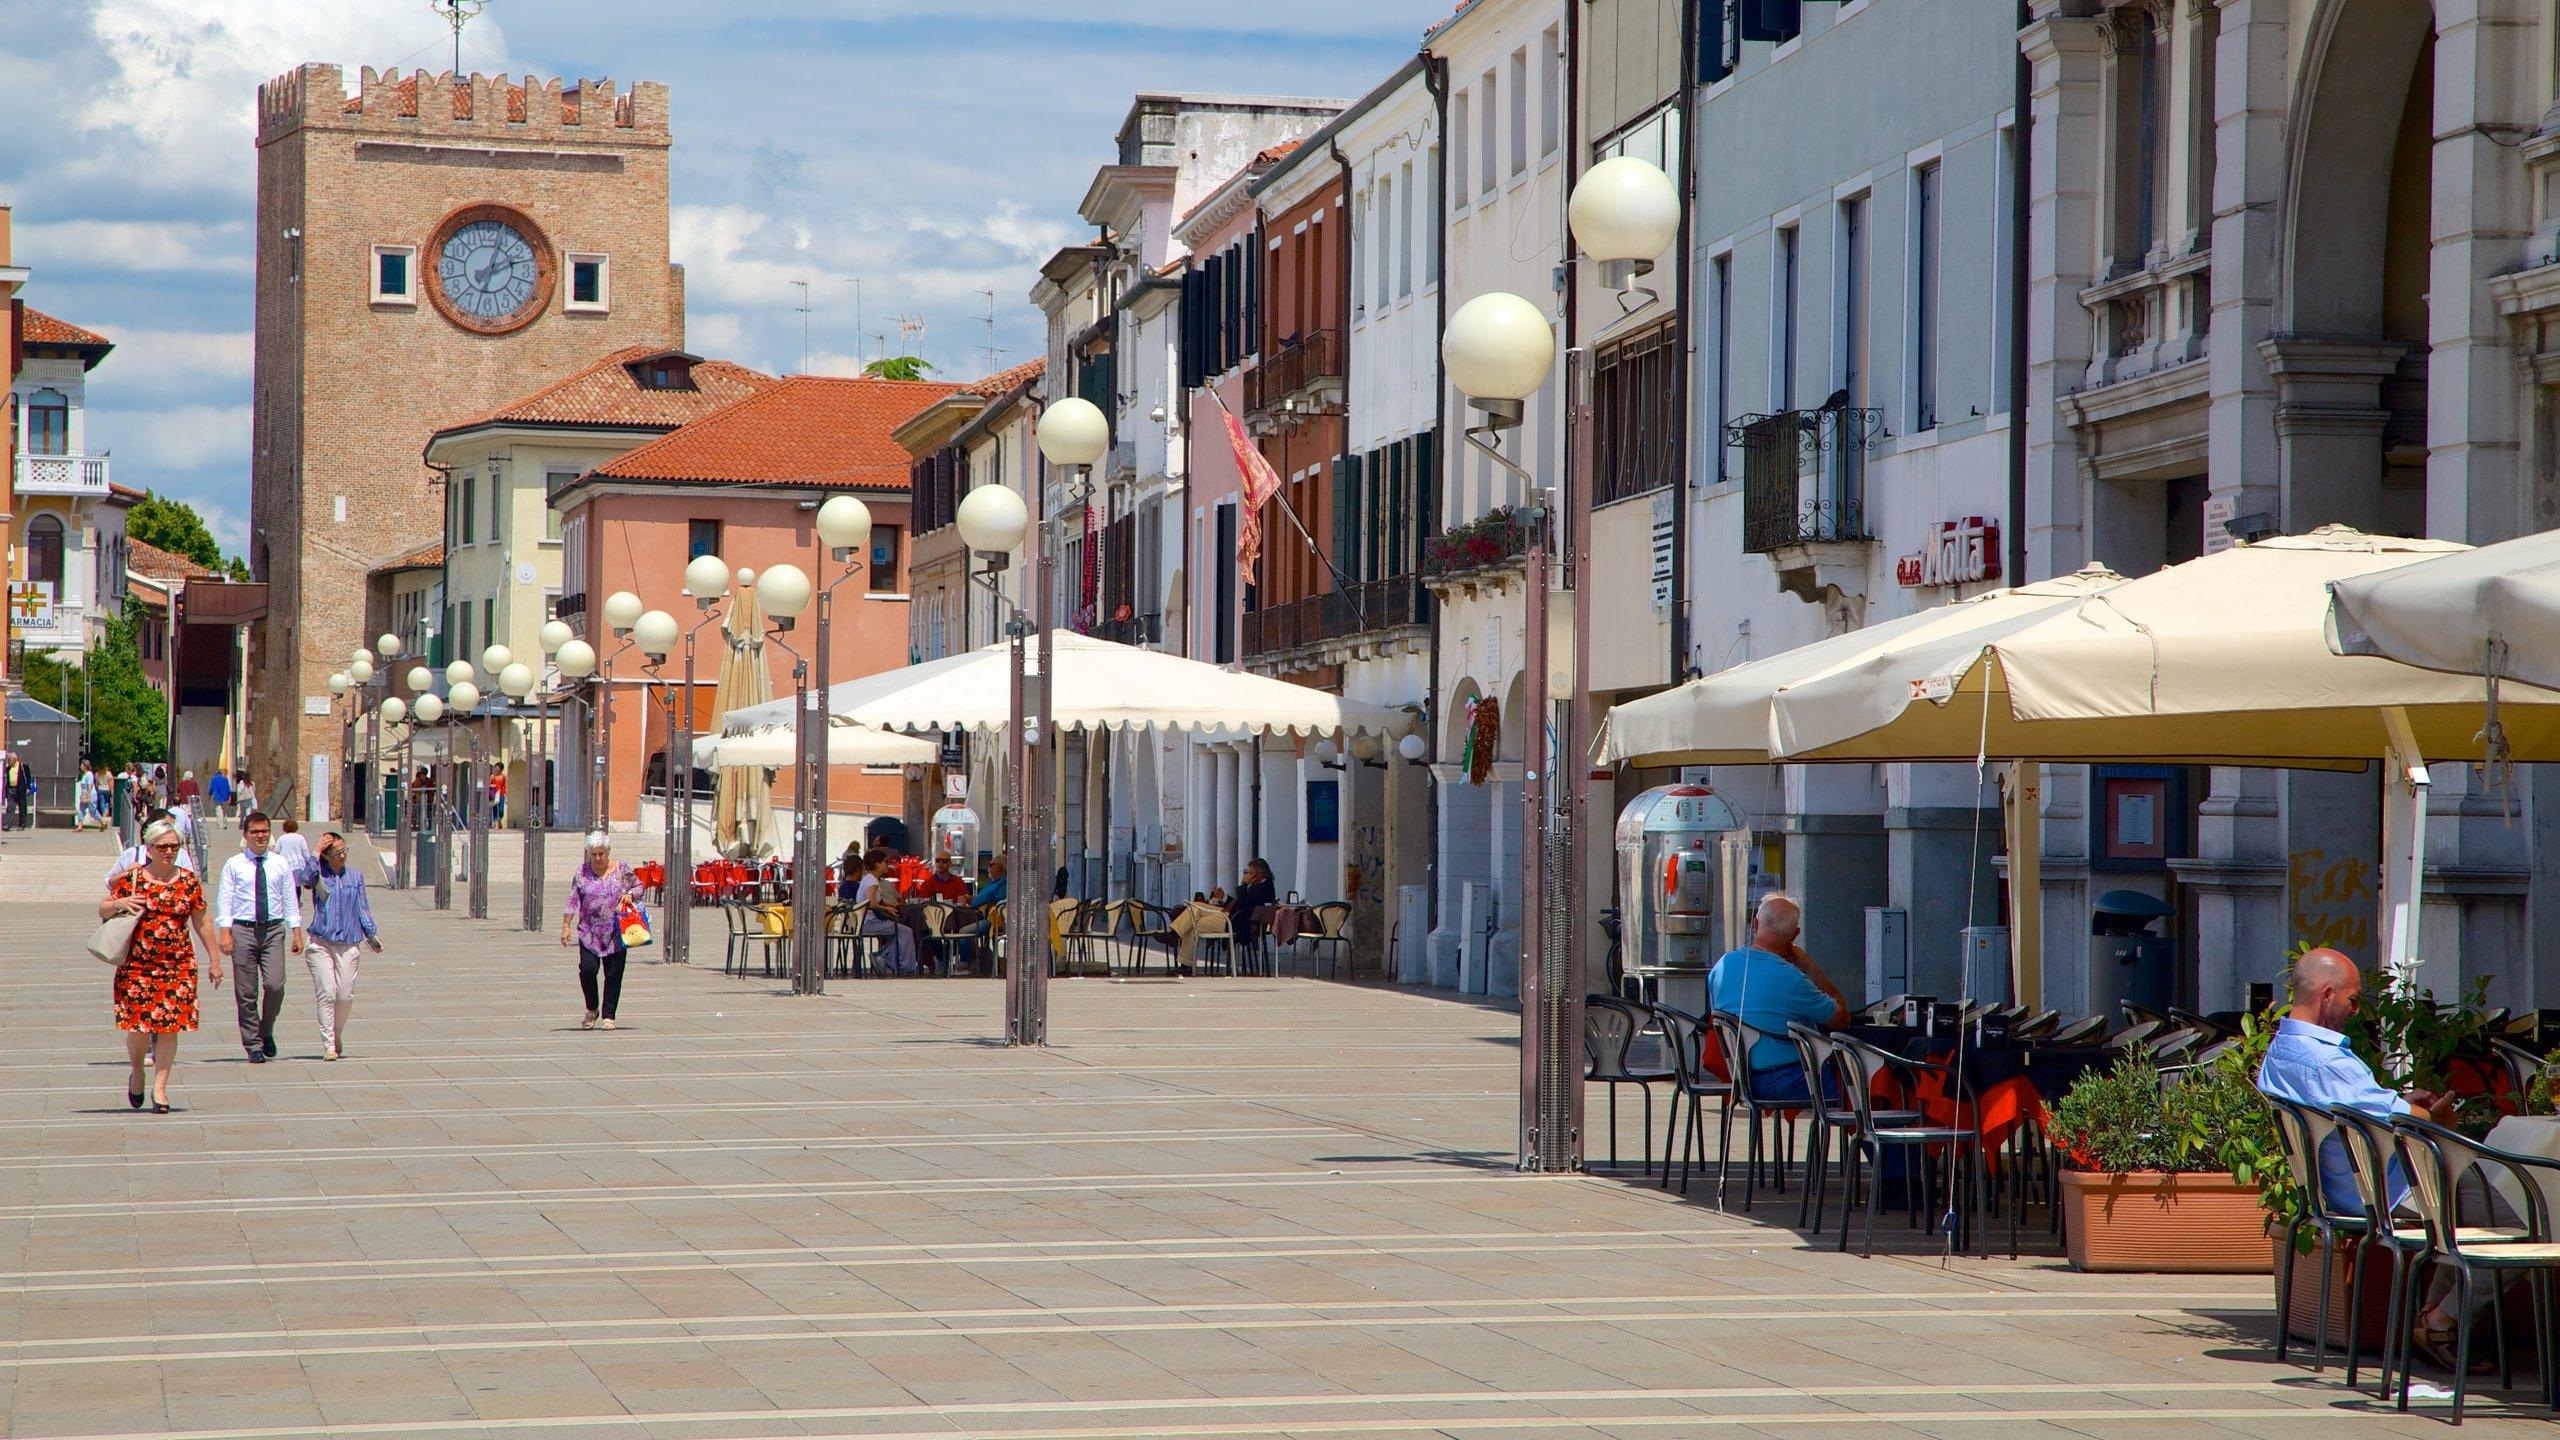 Piazza Ferretto, Mestre, Wenecja Euganejska, Włochy